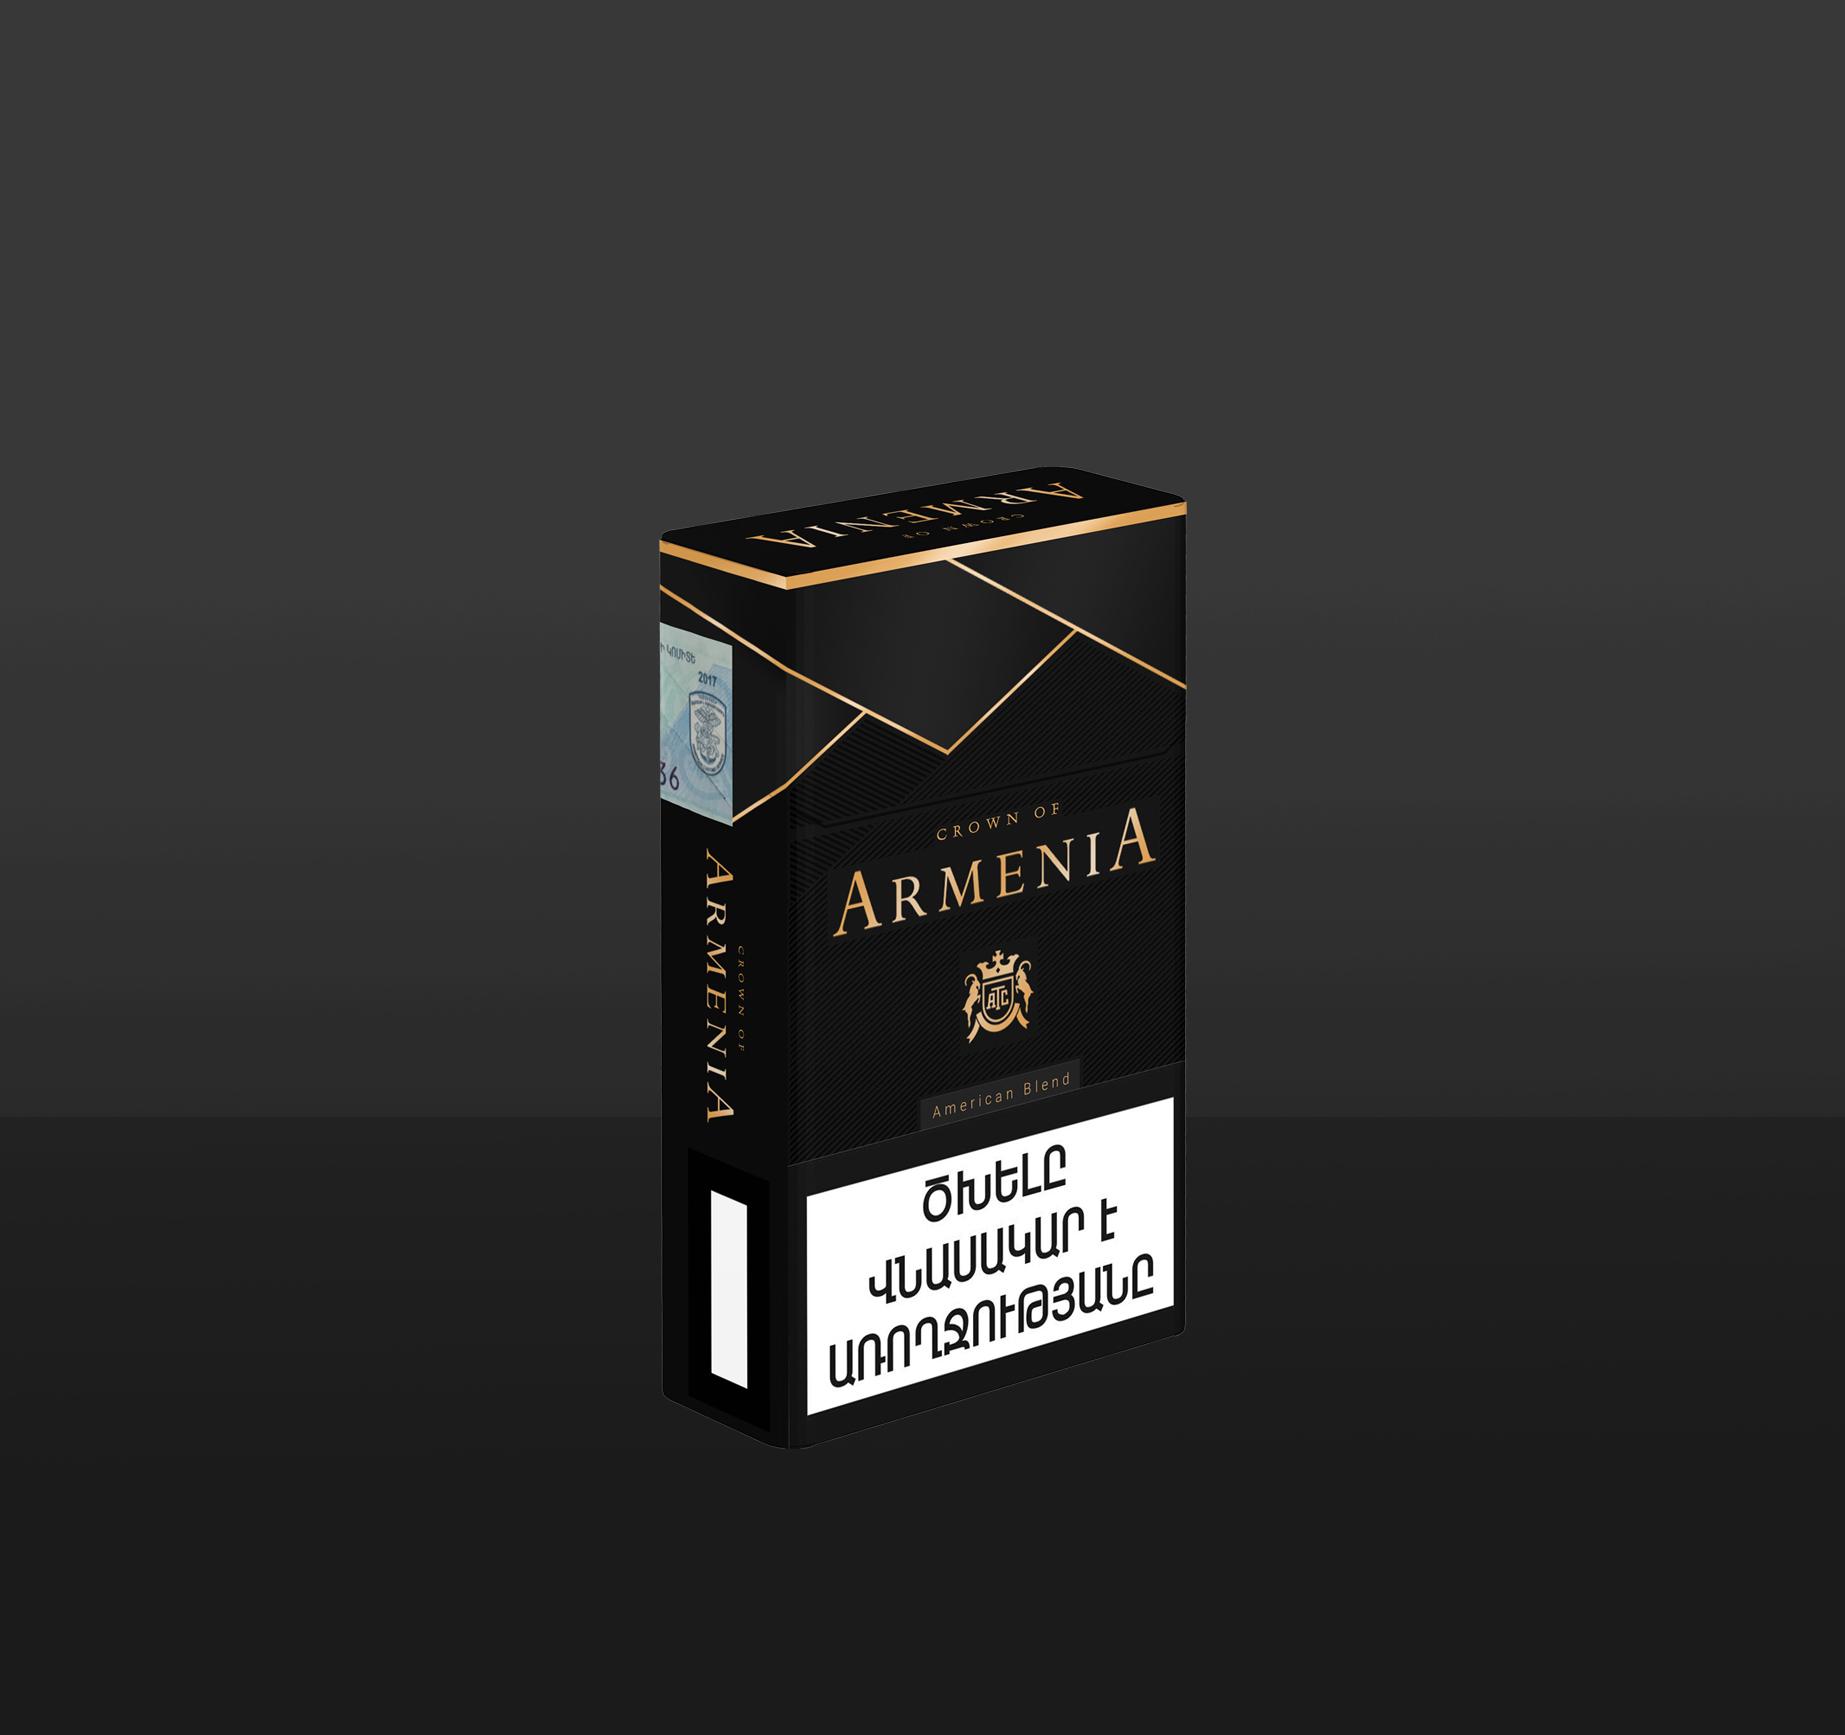 купить сигареты armenia